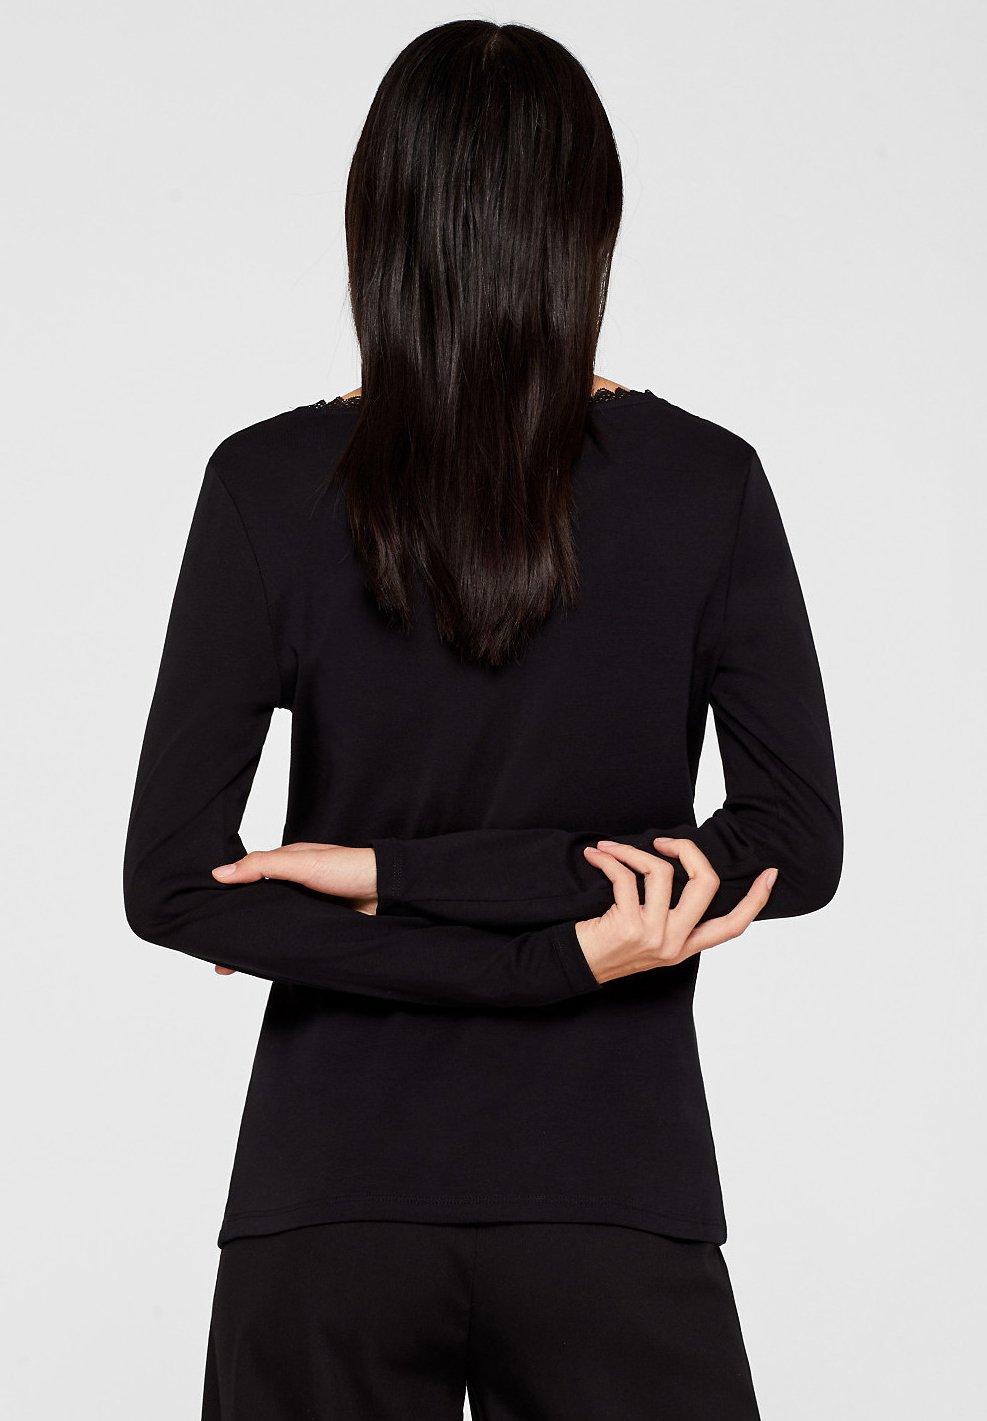 Esprit black longues edc shirt by manches T à m8wNvn0